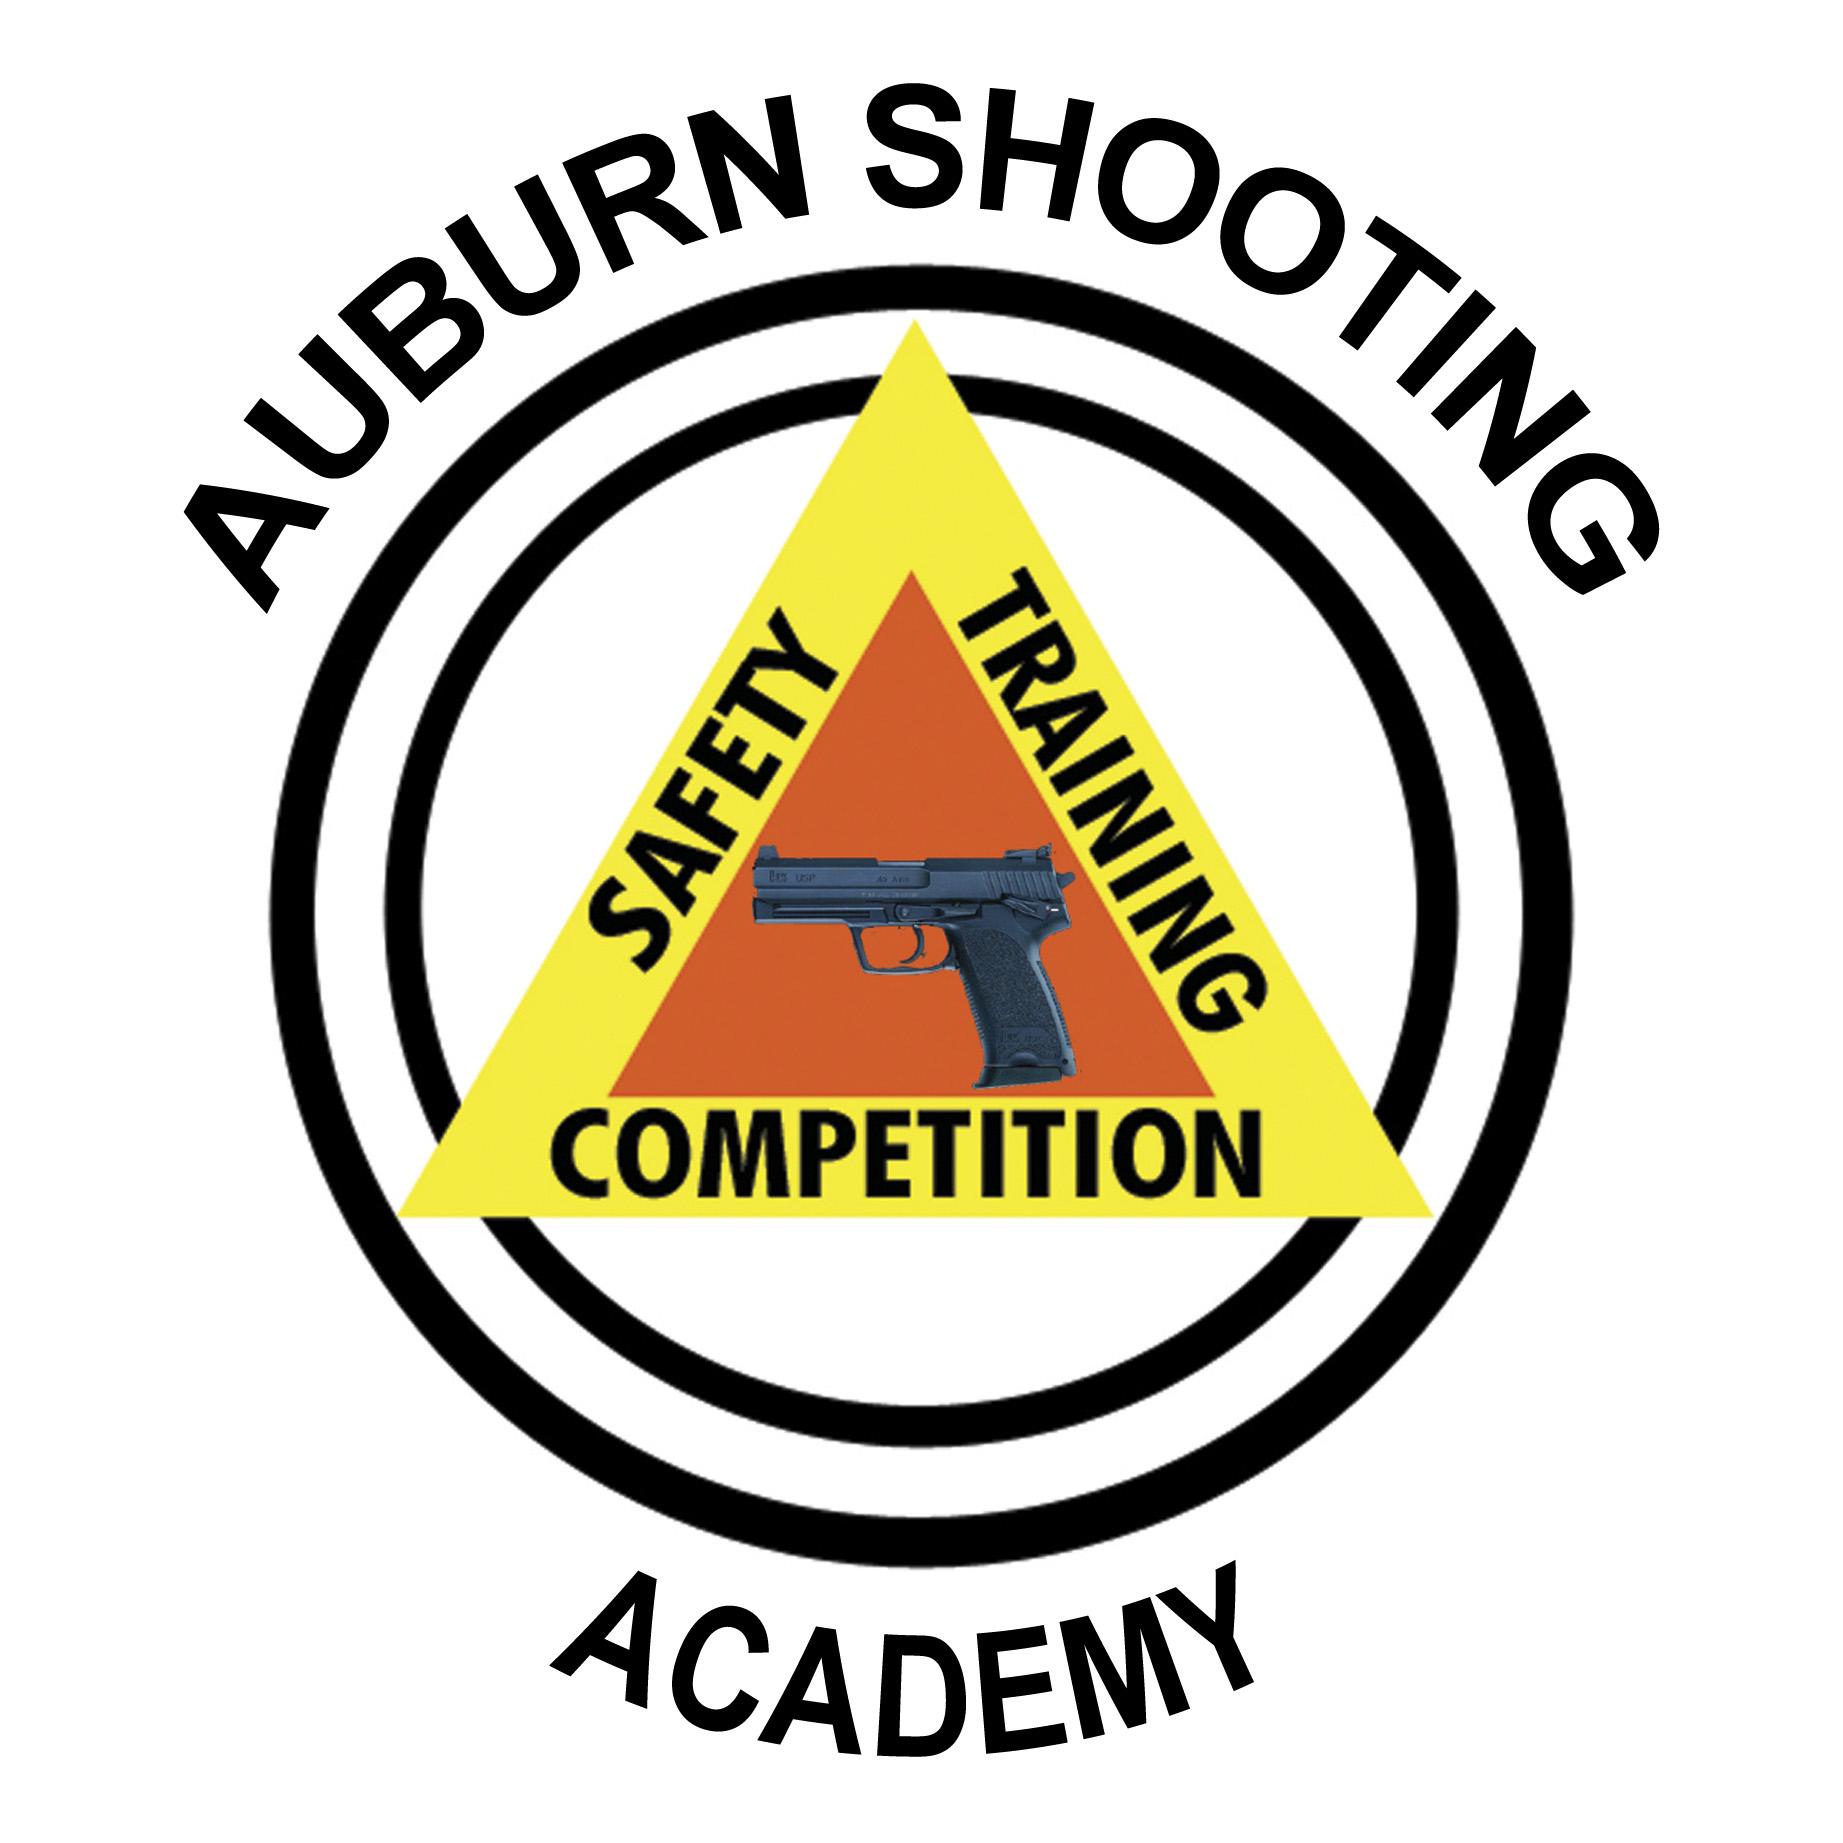 auburn shooting academy